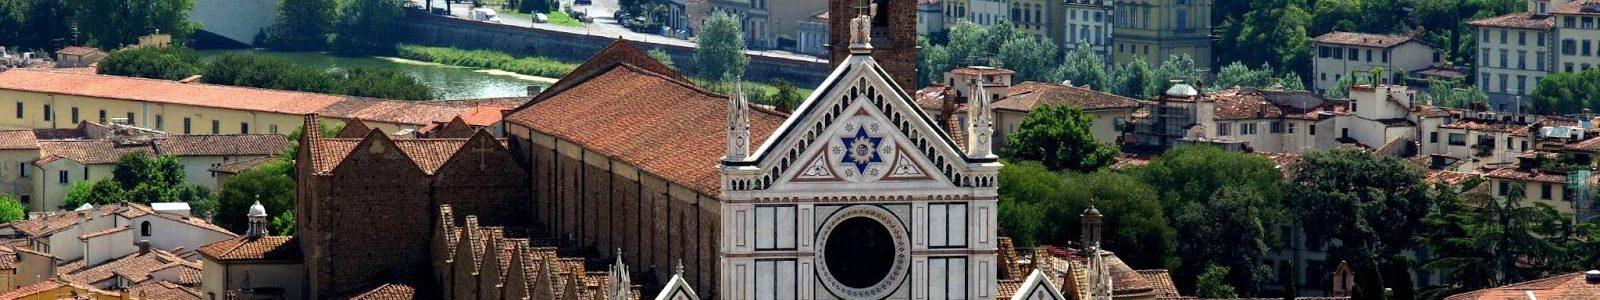 Firenze, Il Quartiere Di Santa Croce.